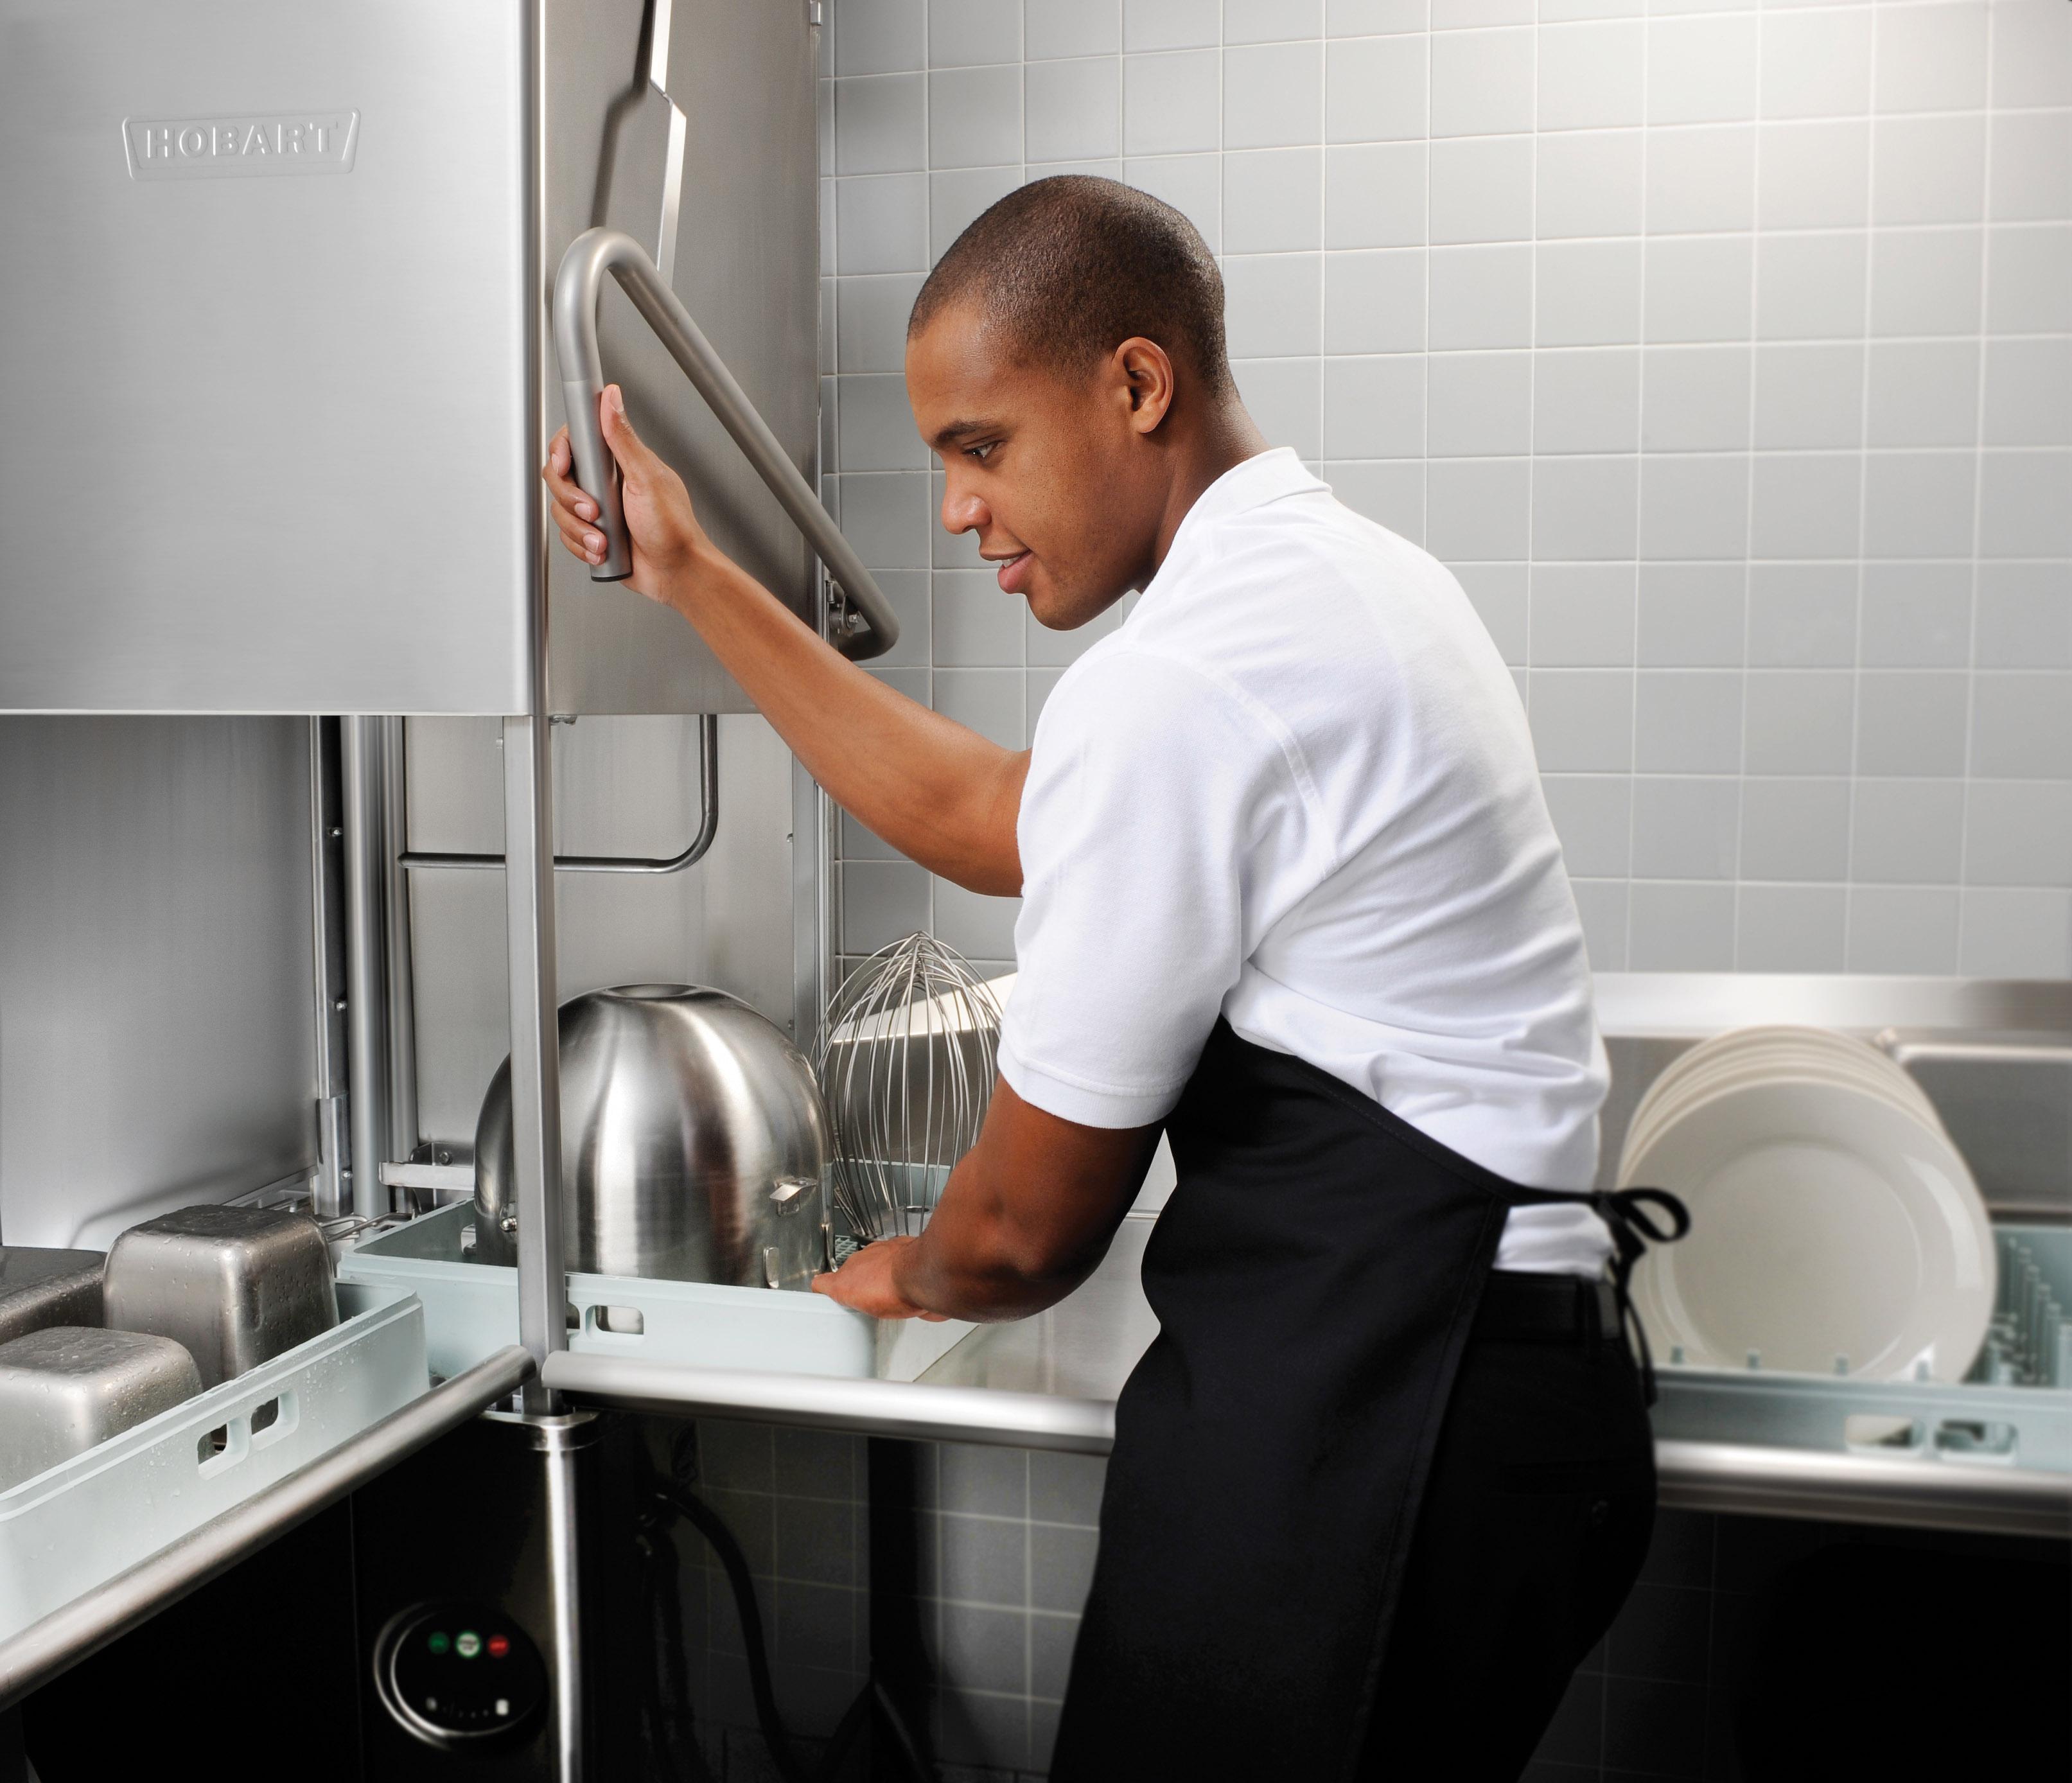 Pastor apela à participação dos homens nas tarefas domésticas